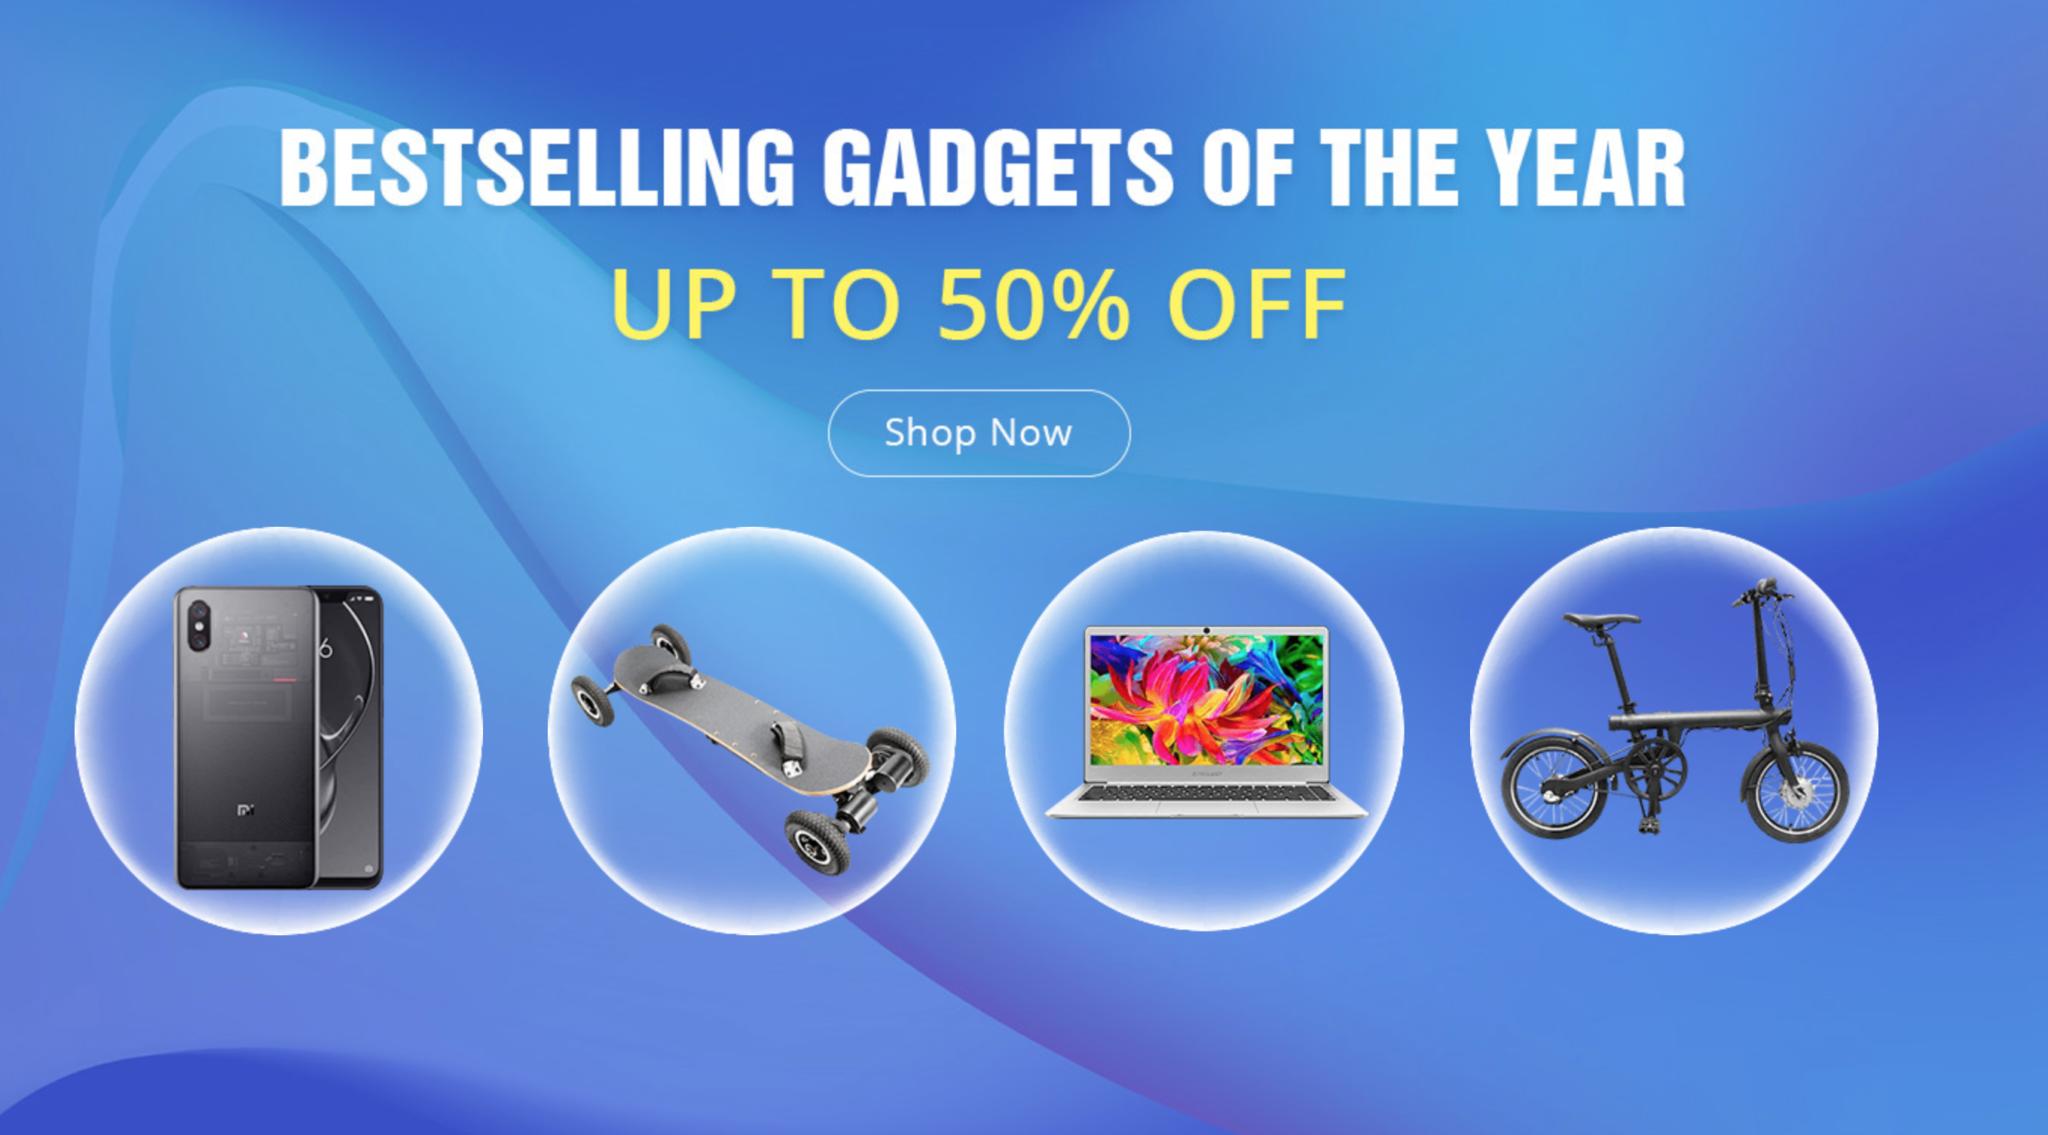 TOP 3 zlevněné produkty u Geekbuying: GamePad s Intel Core i7 a další! [sponzorovaný článek]